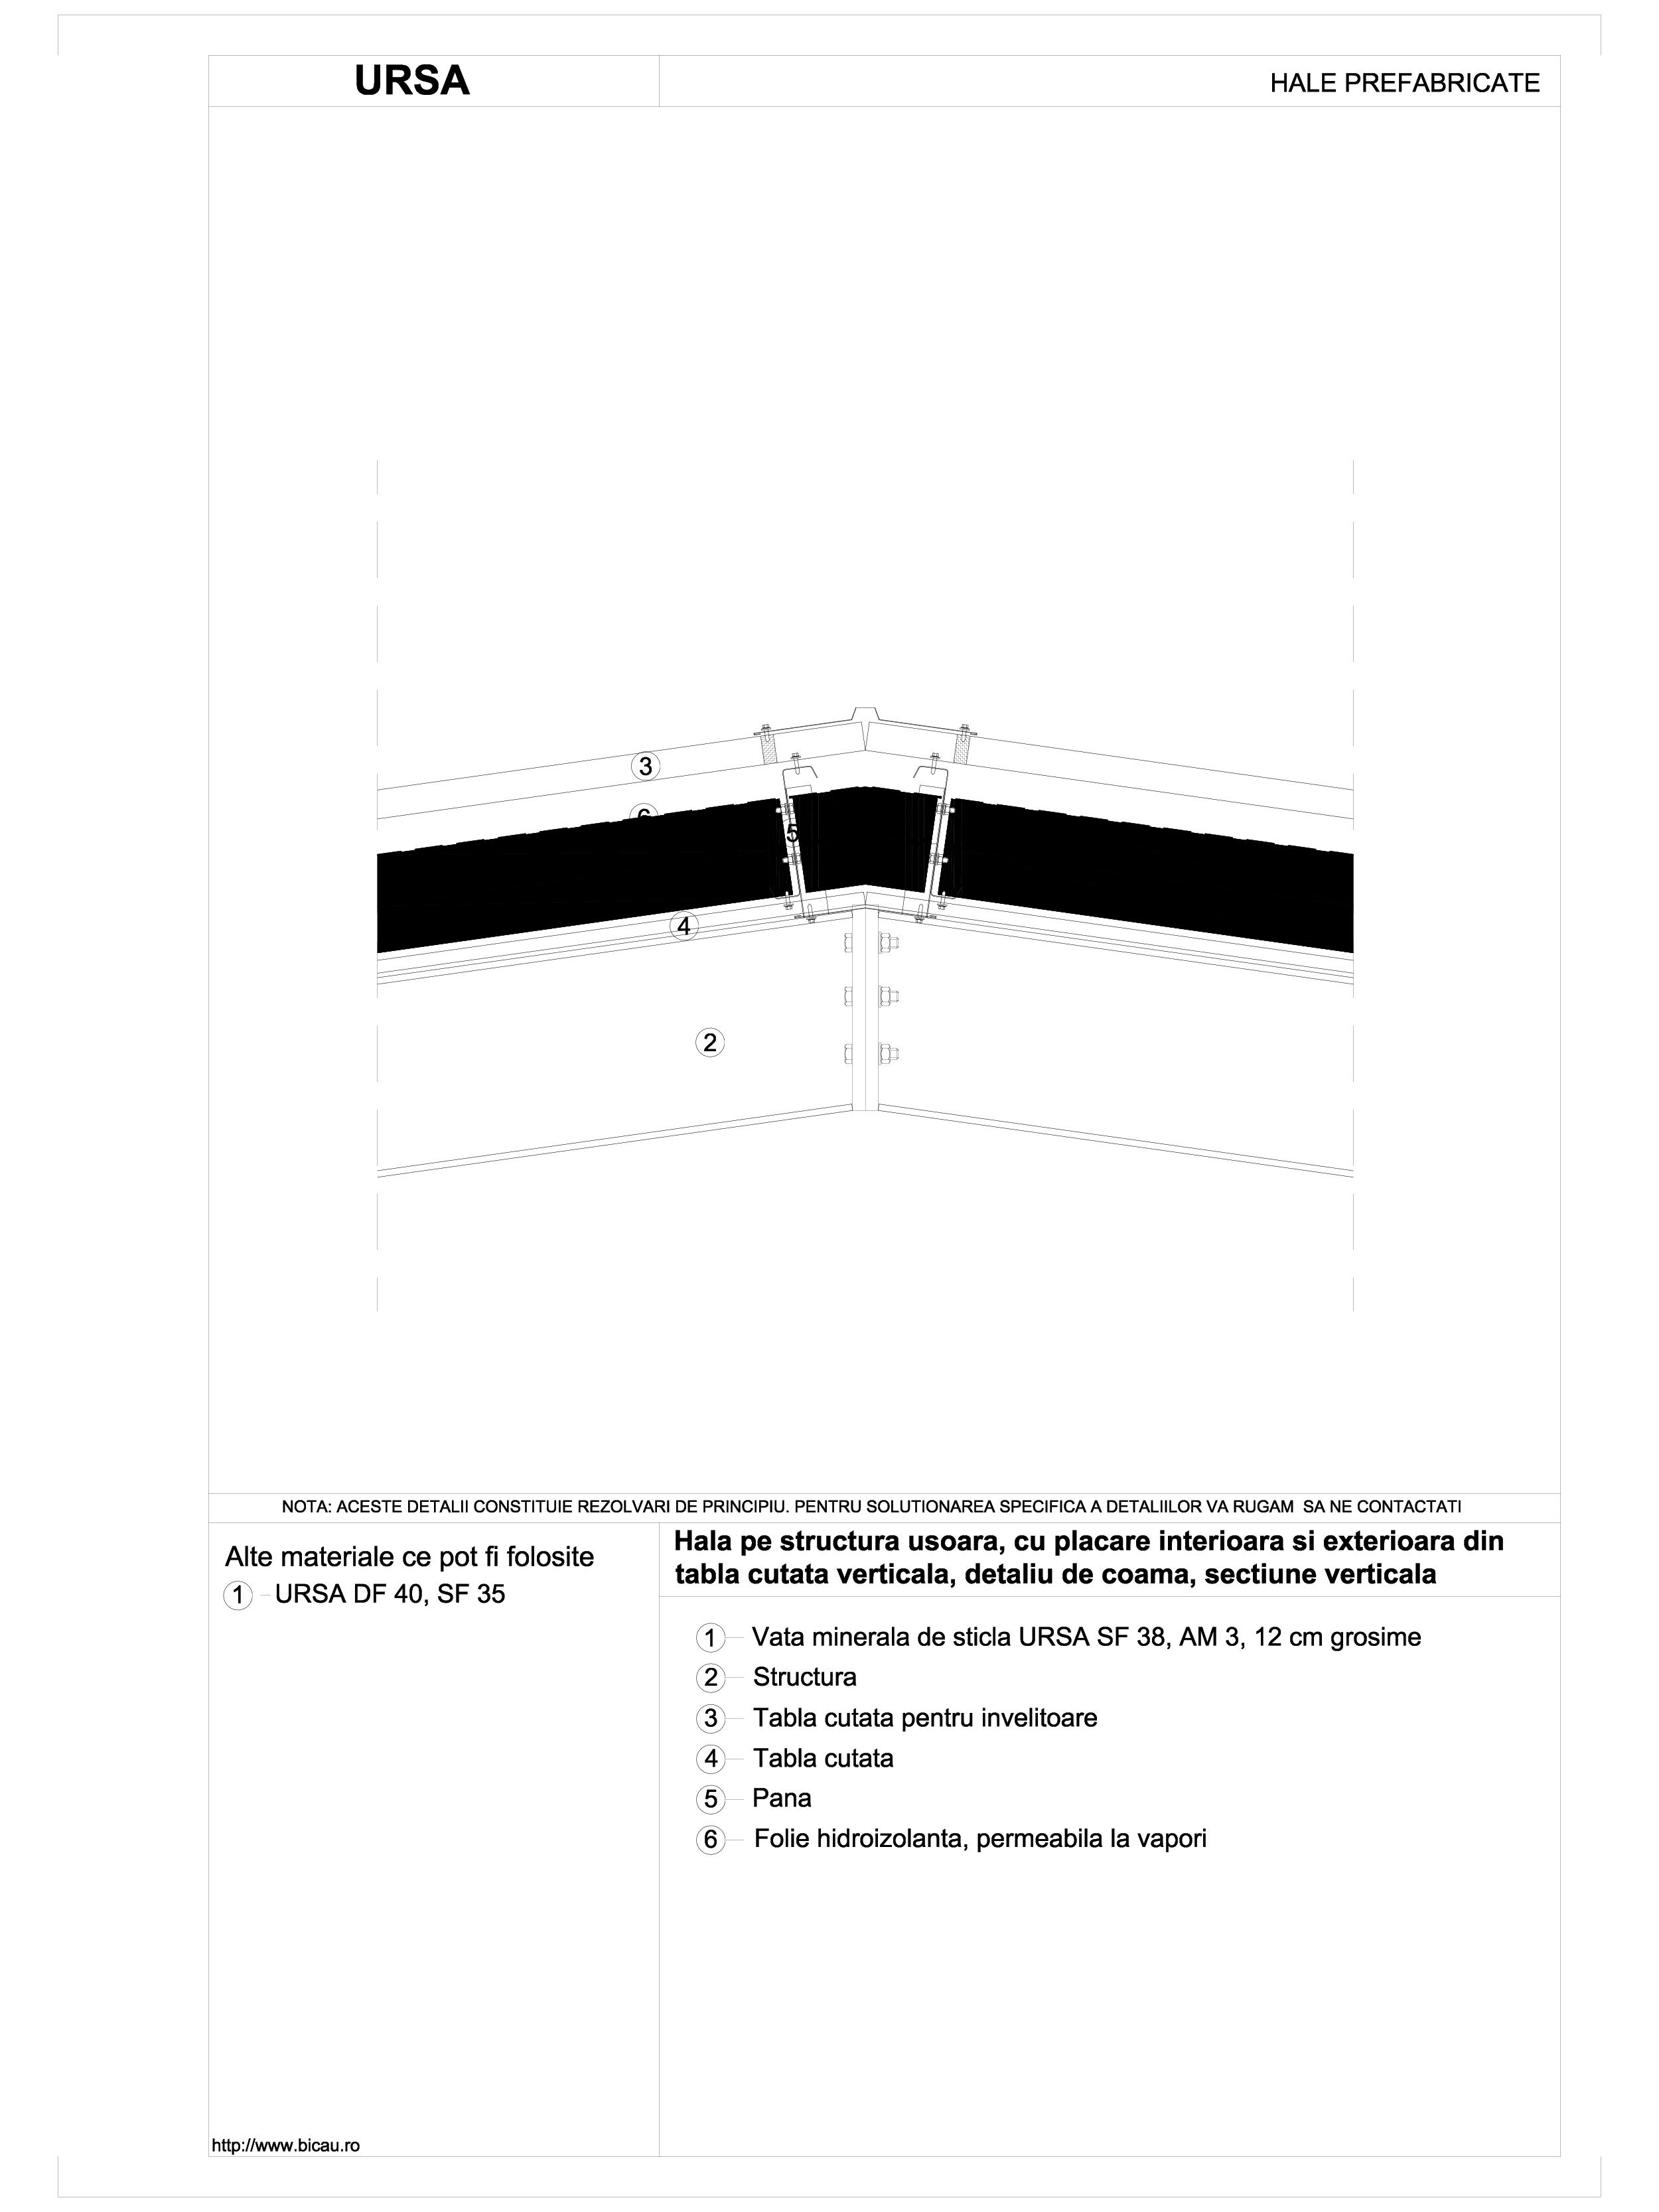 Hala pe structura usoara, cu placare interioara si exterioara din tabla cutata verticala, detaliu de coama, sectiune verticala URSA Vata minerala pentru fatade neventilate si hale prefabricate URSA ROMANIA   - Pagina 1